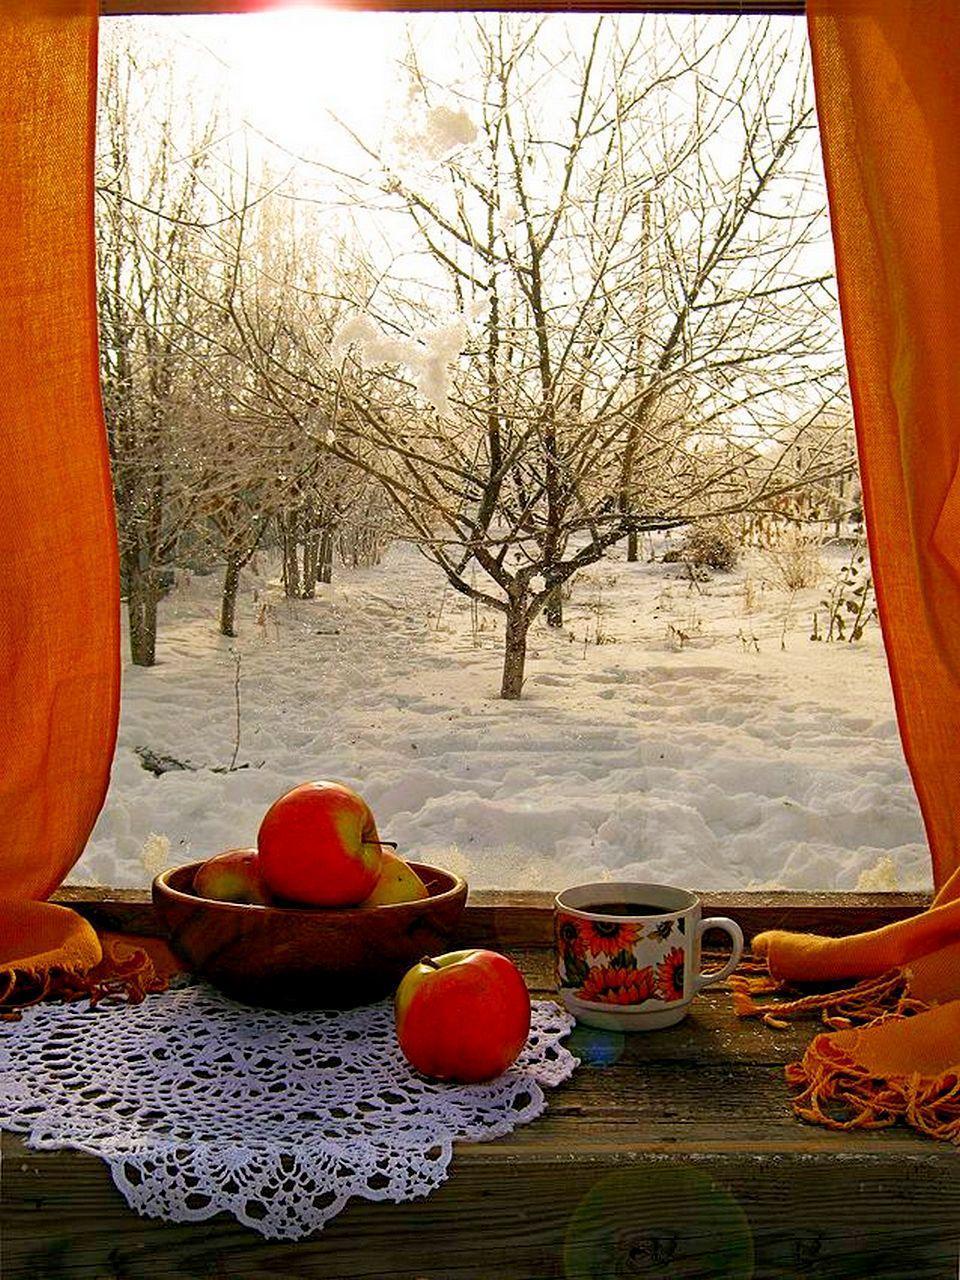 Приятных и комфортных вам зимних вечеров